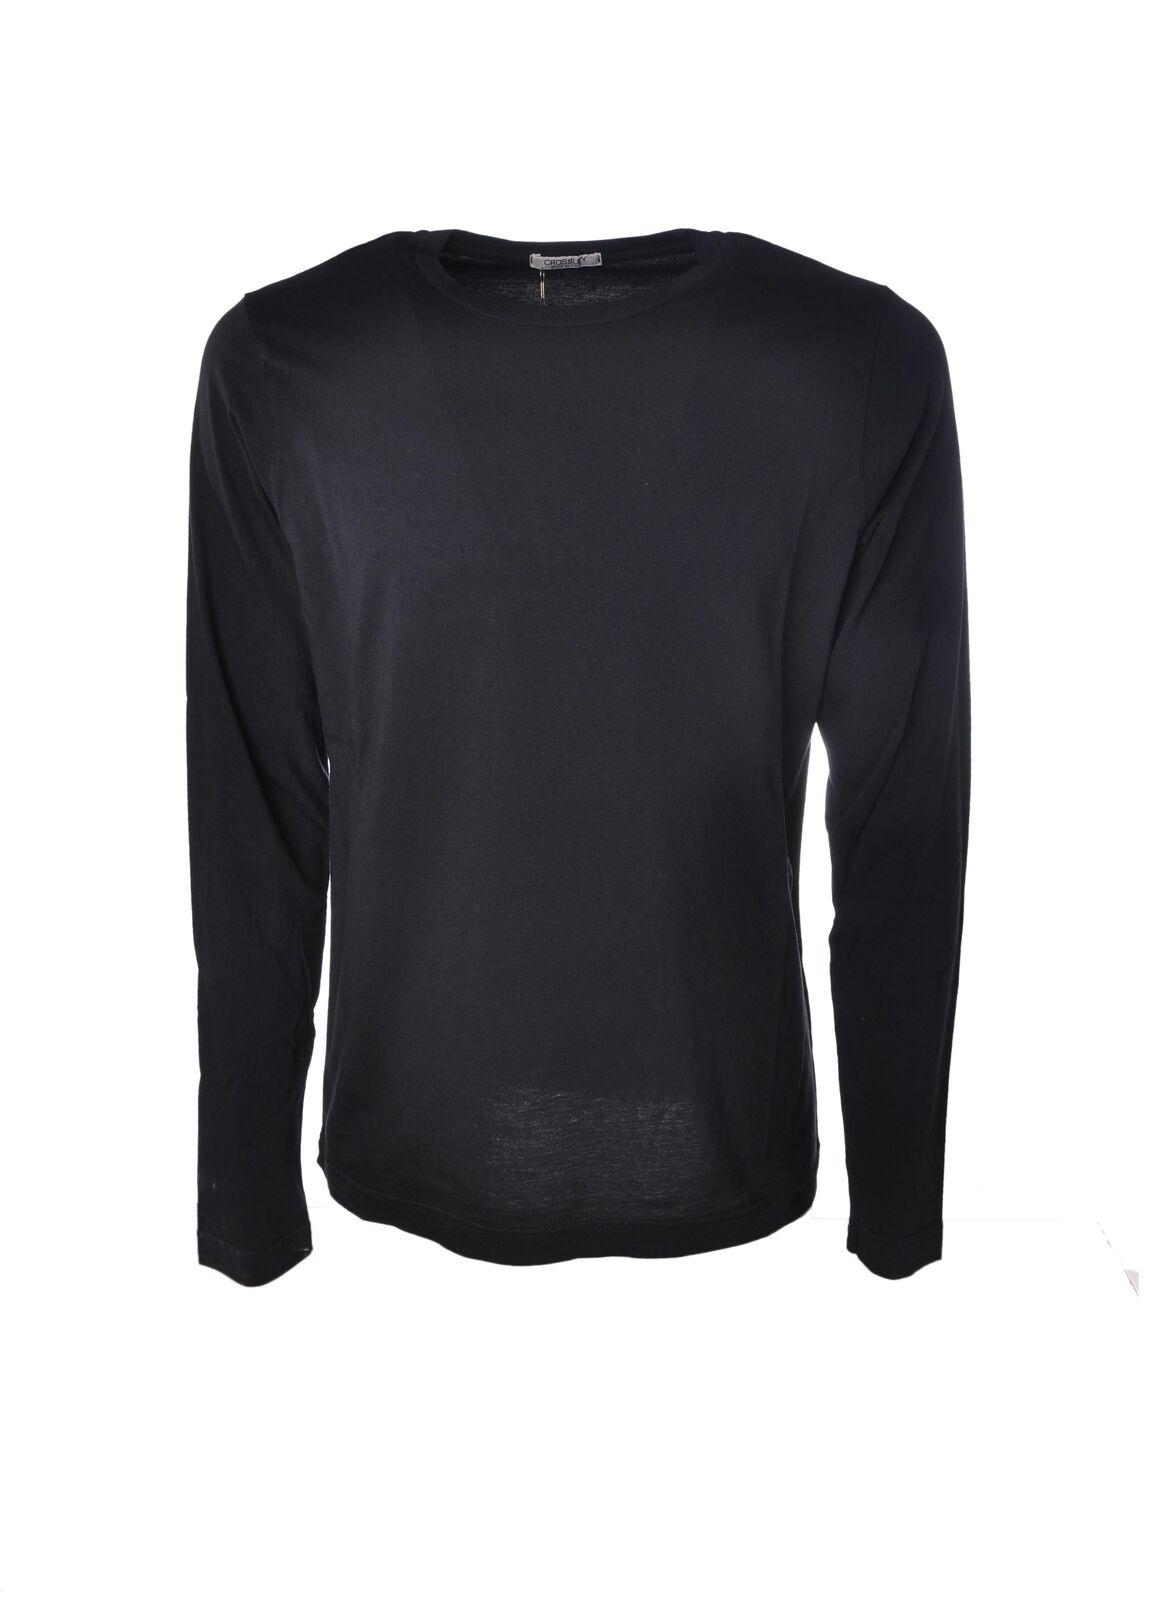 CROSSLEY - Knitwear-Cardigan - Man - Blau - 4086406C190921